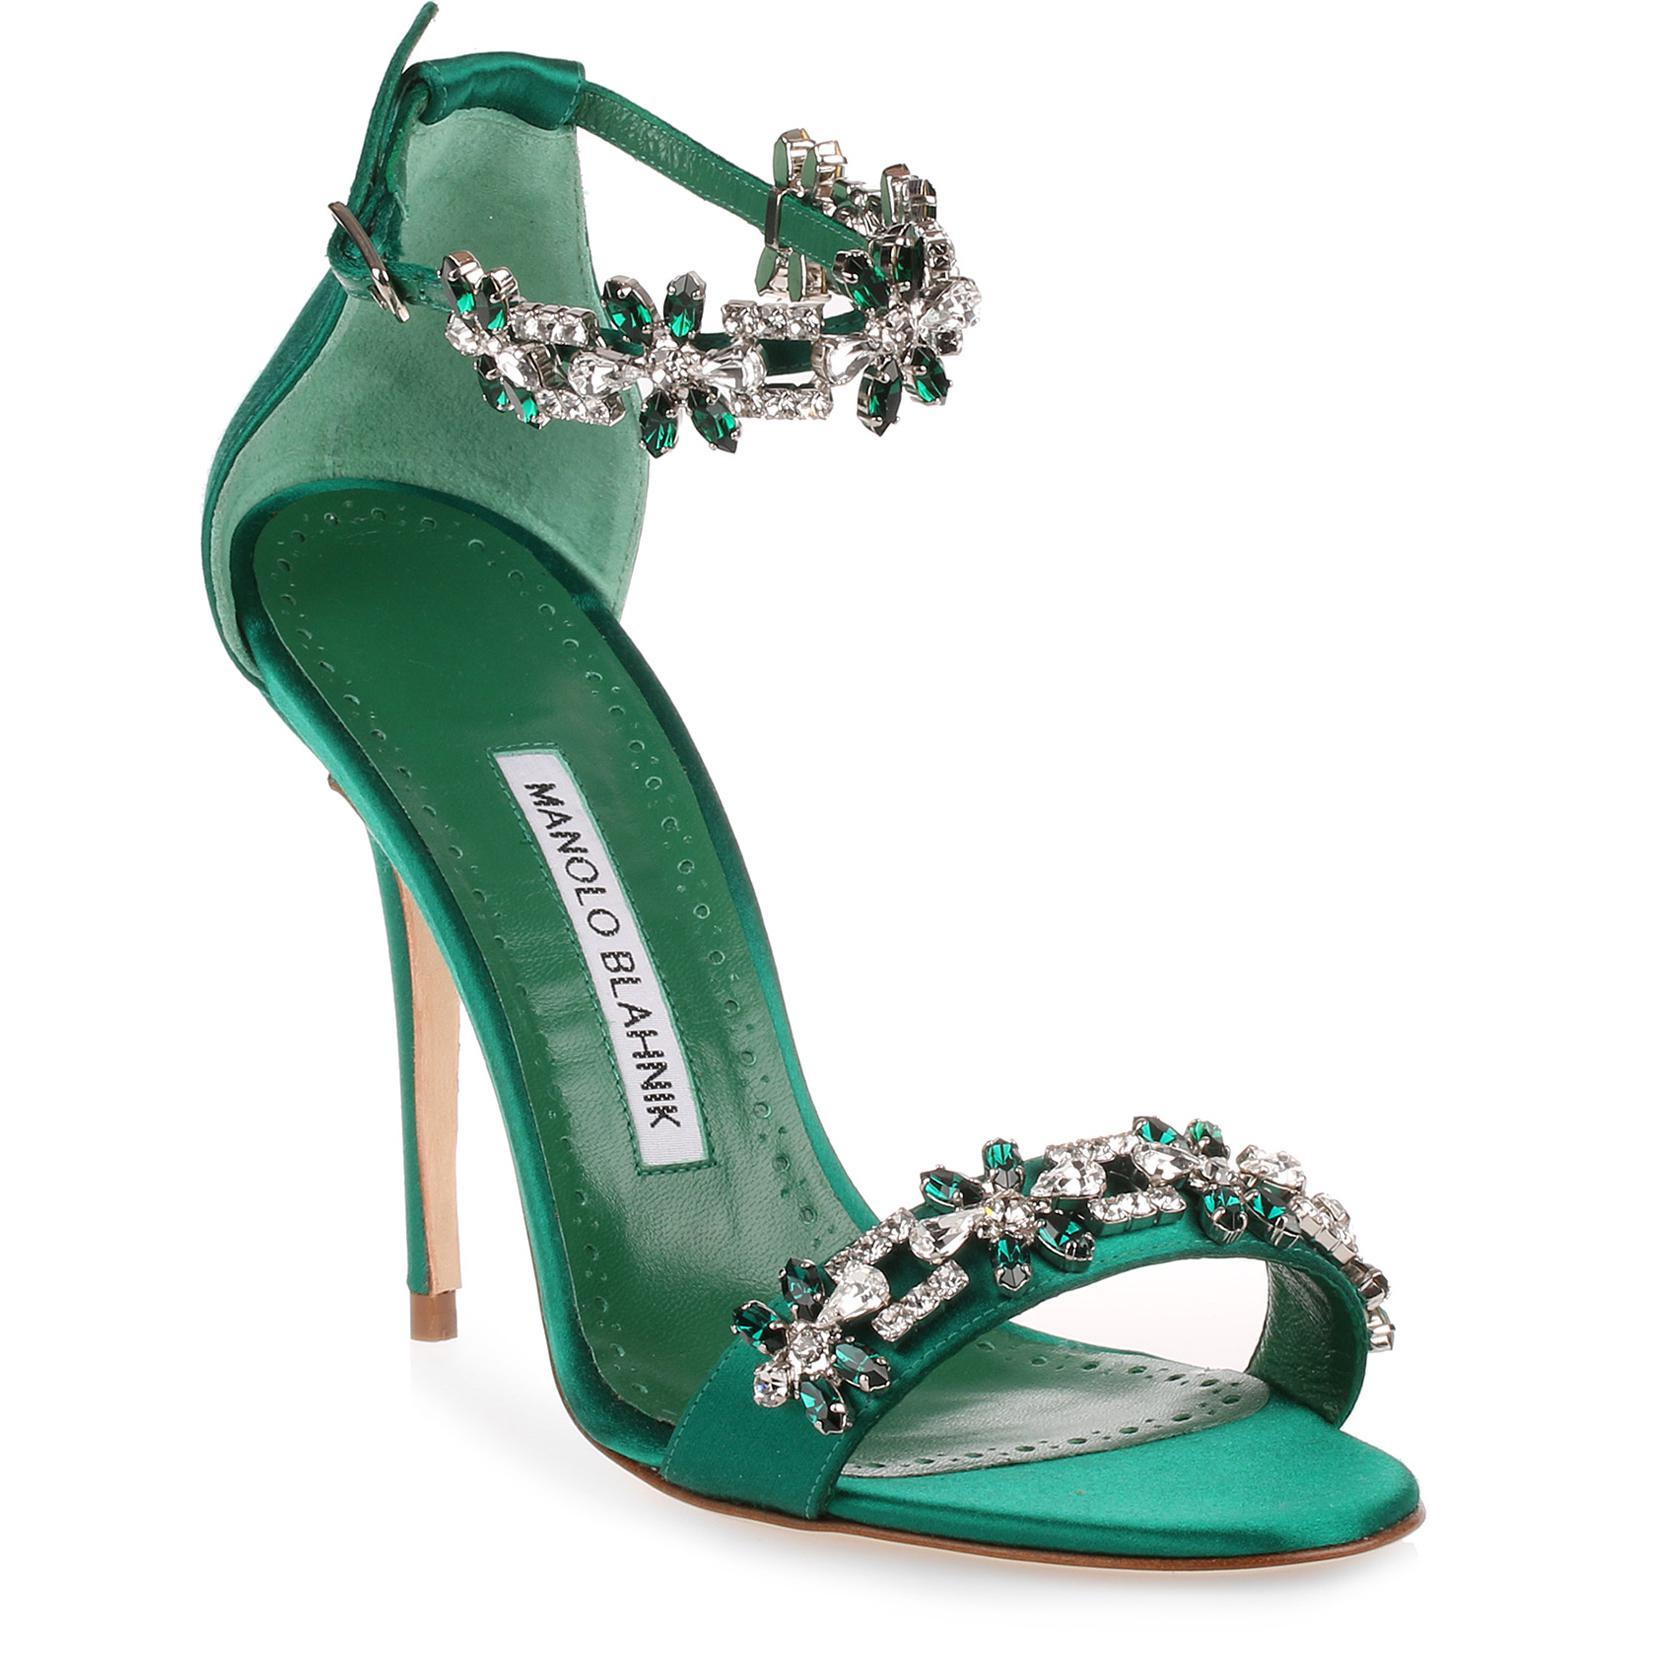 c876ae37714a ... 50% off lyst manolo blahnik firadou 105 emerald crystal sandal in green  19145 03b53